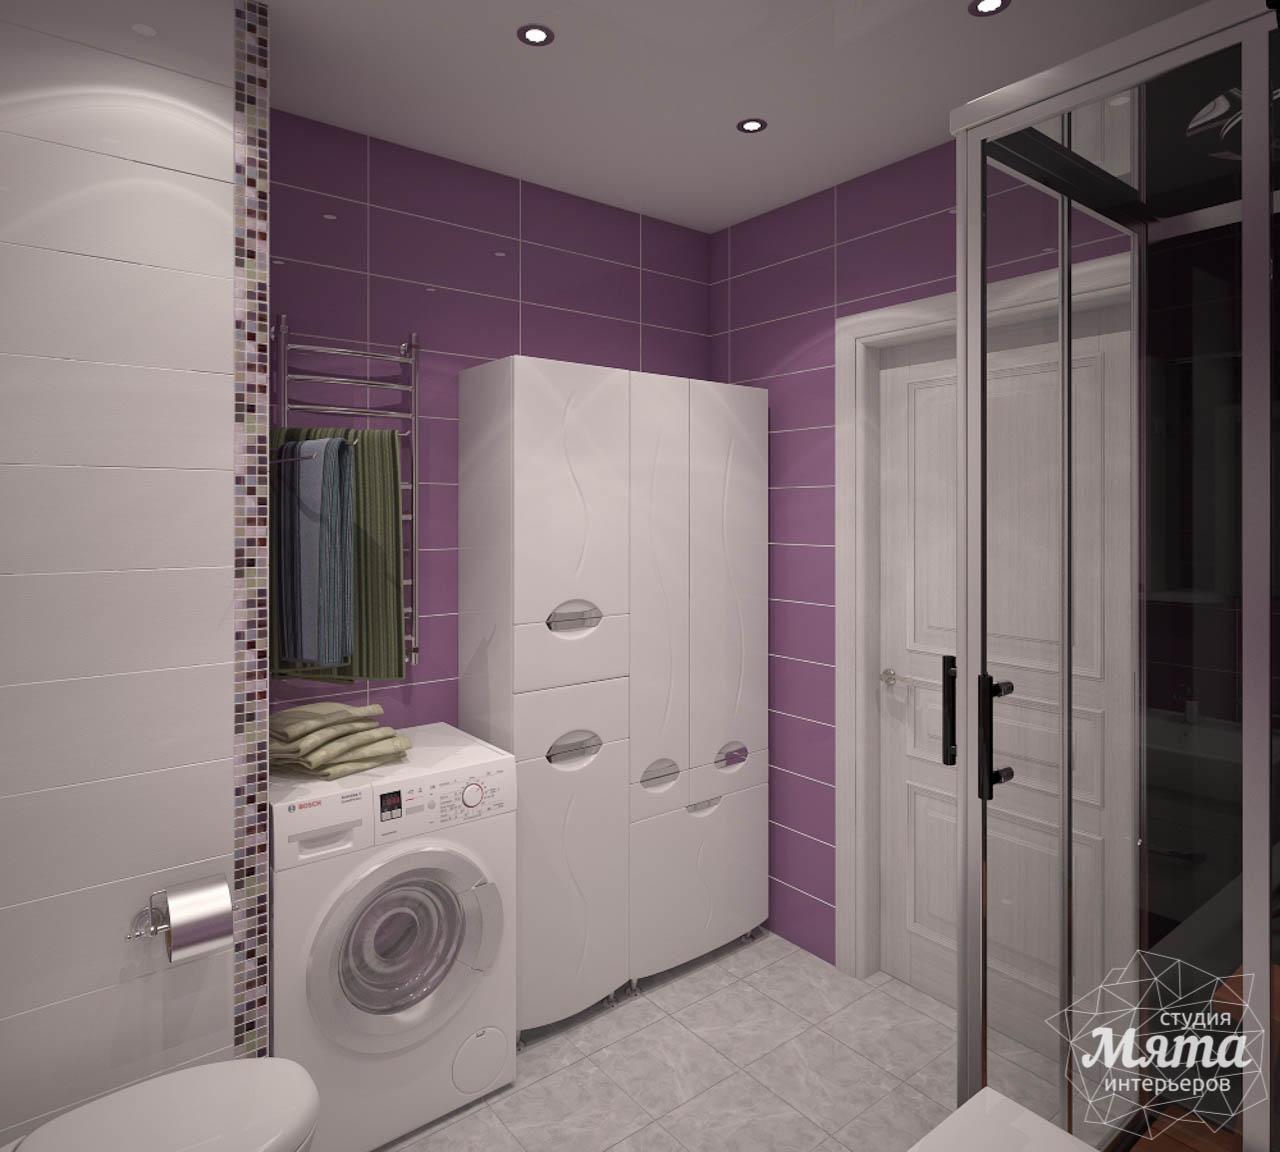 Дизайн интерьера  и ремонт трехкомнатной квартиры по ул. Машинная 44 img456579110